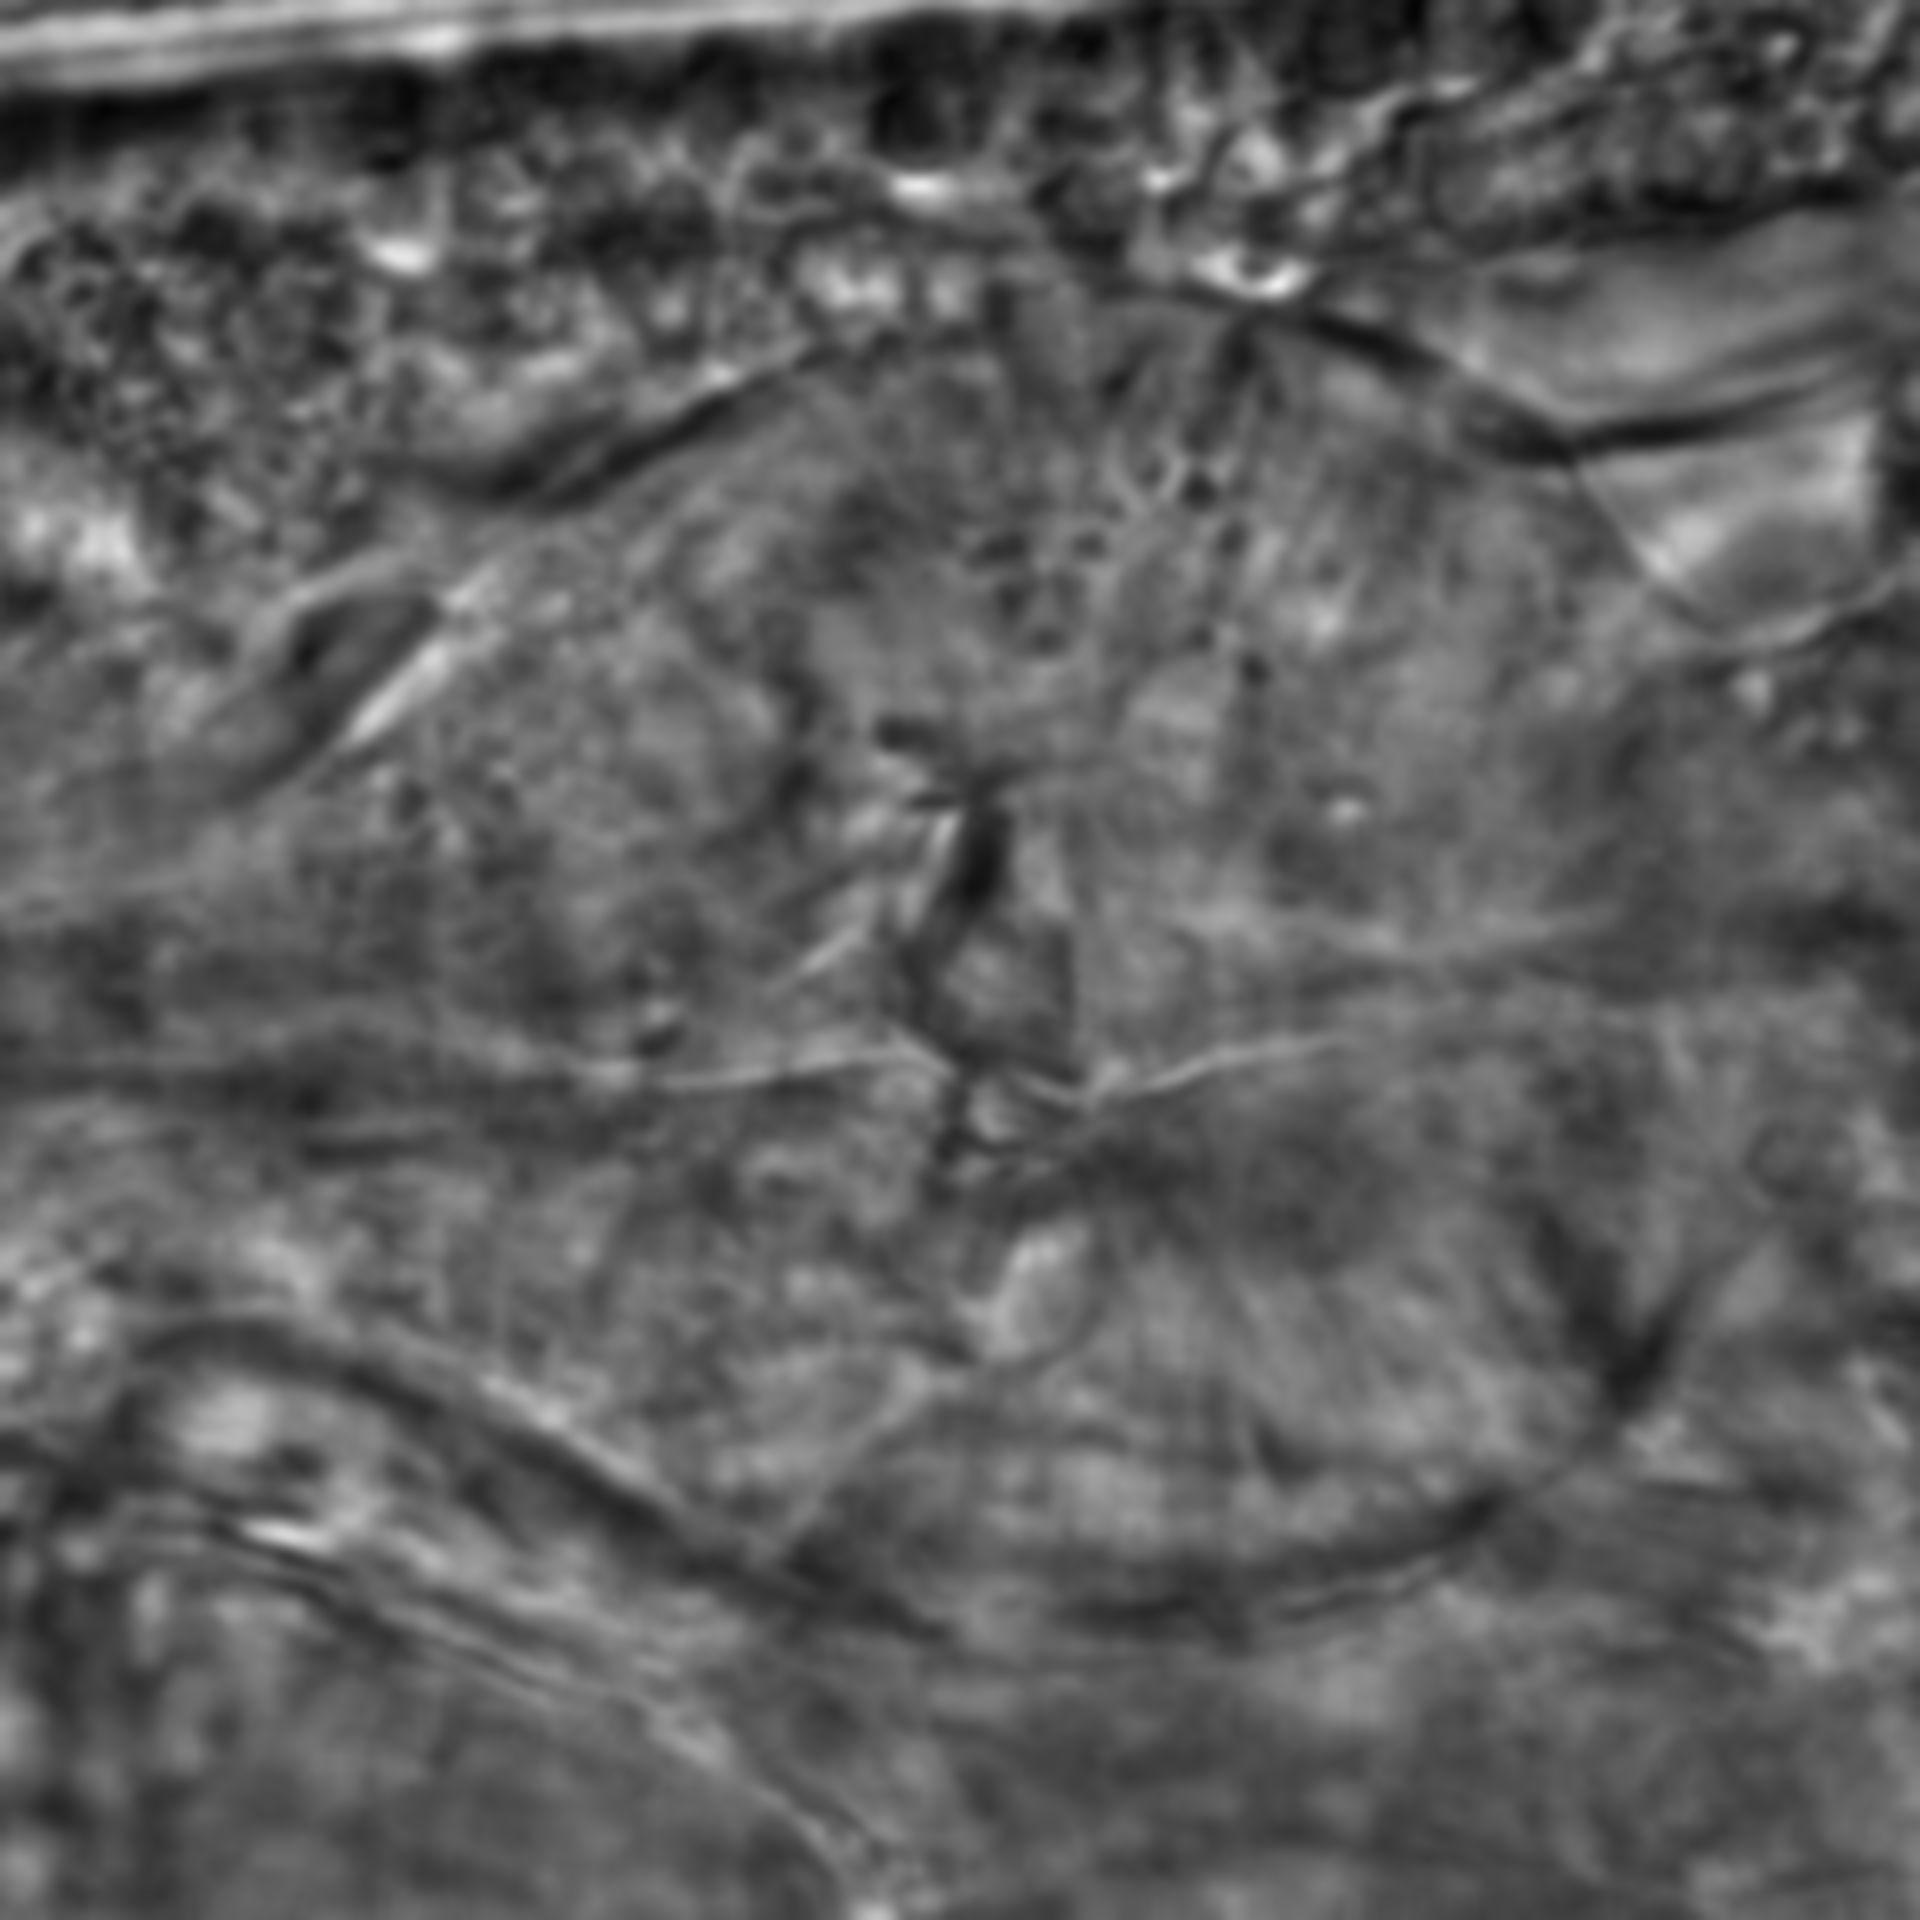 Caenorhabditis elegans - CIL:2210